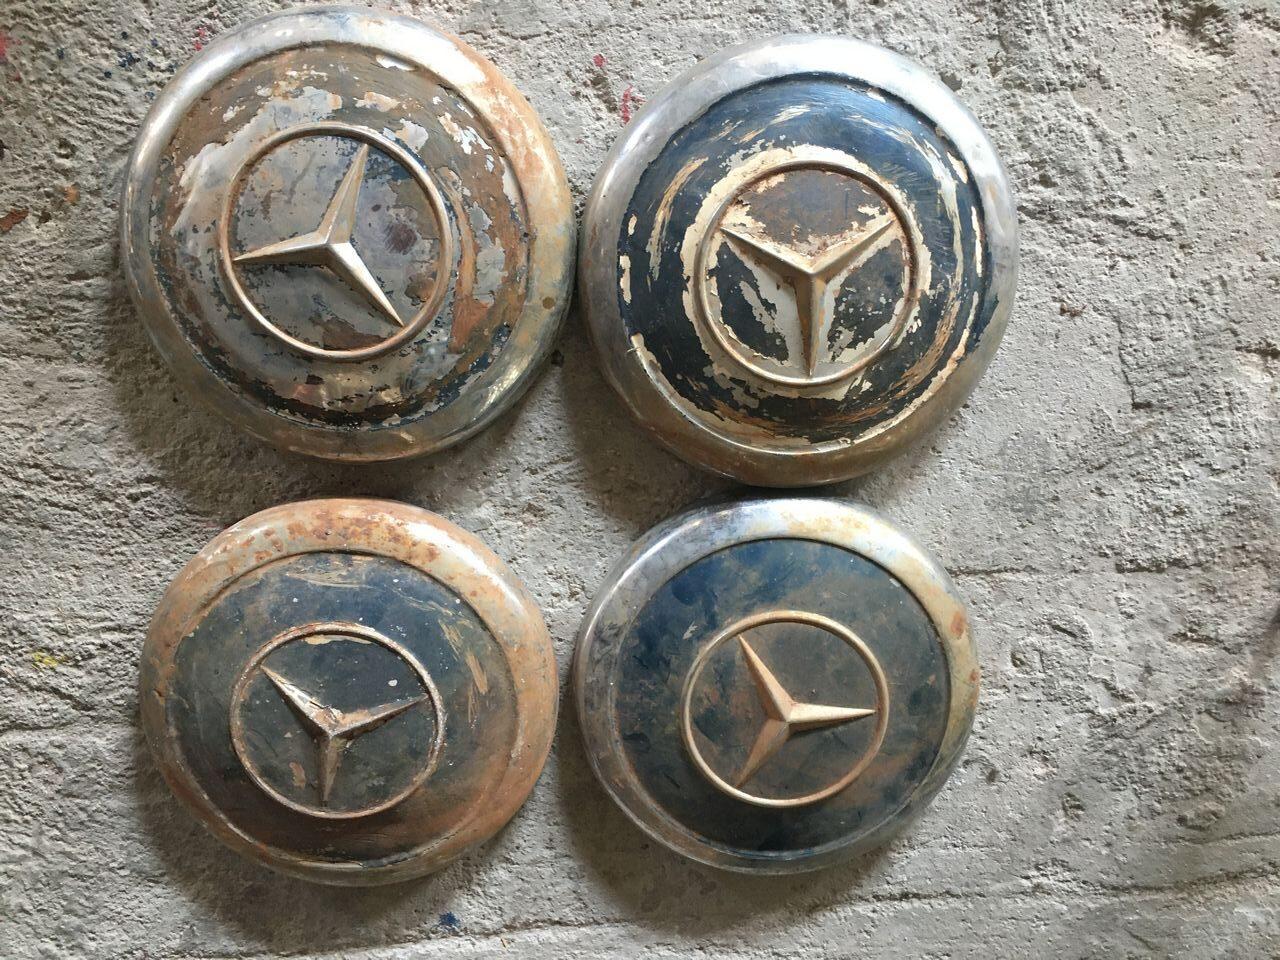 Mercedes ponton, hubcaps since 1960